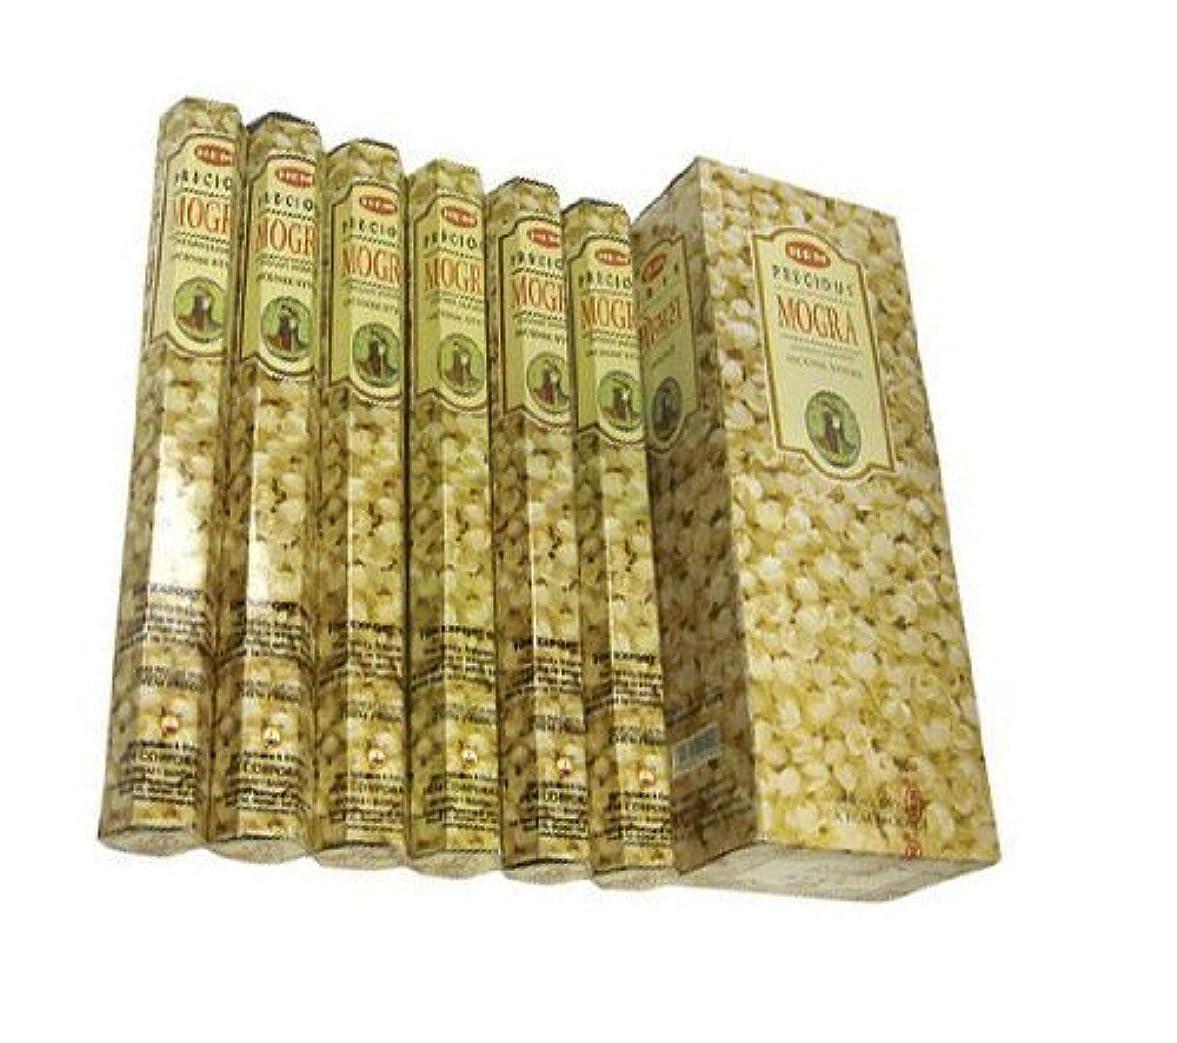 Hem Precious Mogra Incense Sticks 120 STICKS